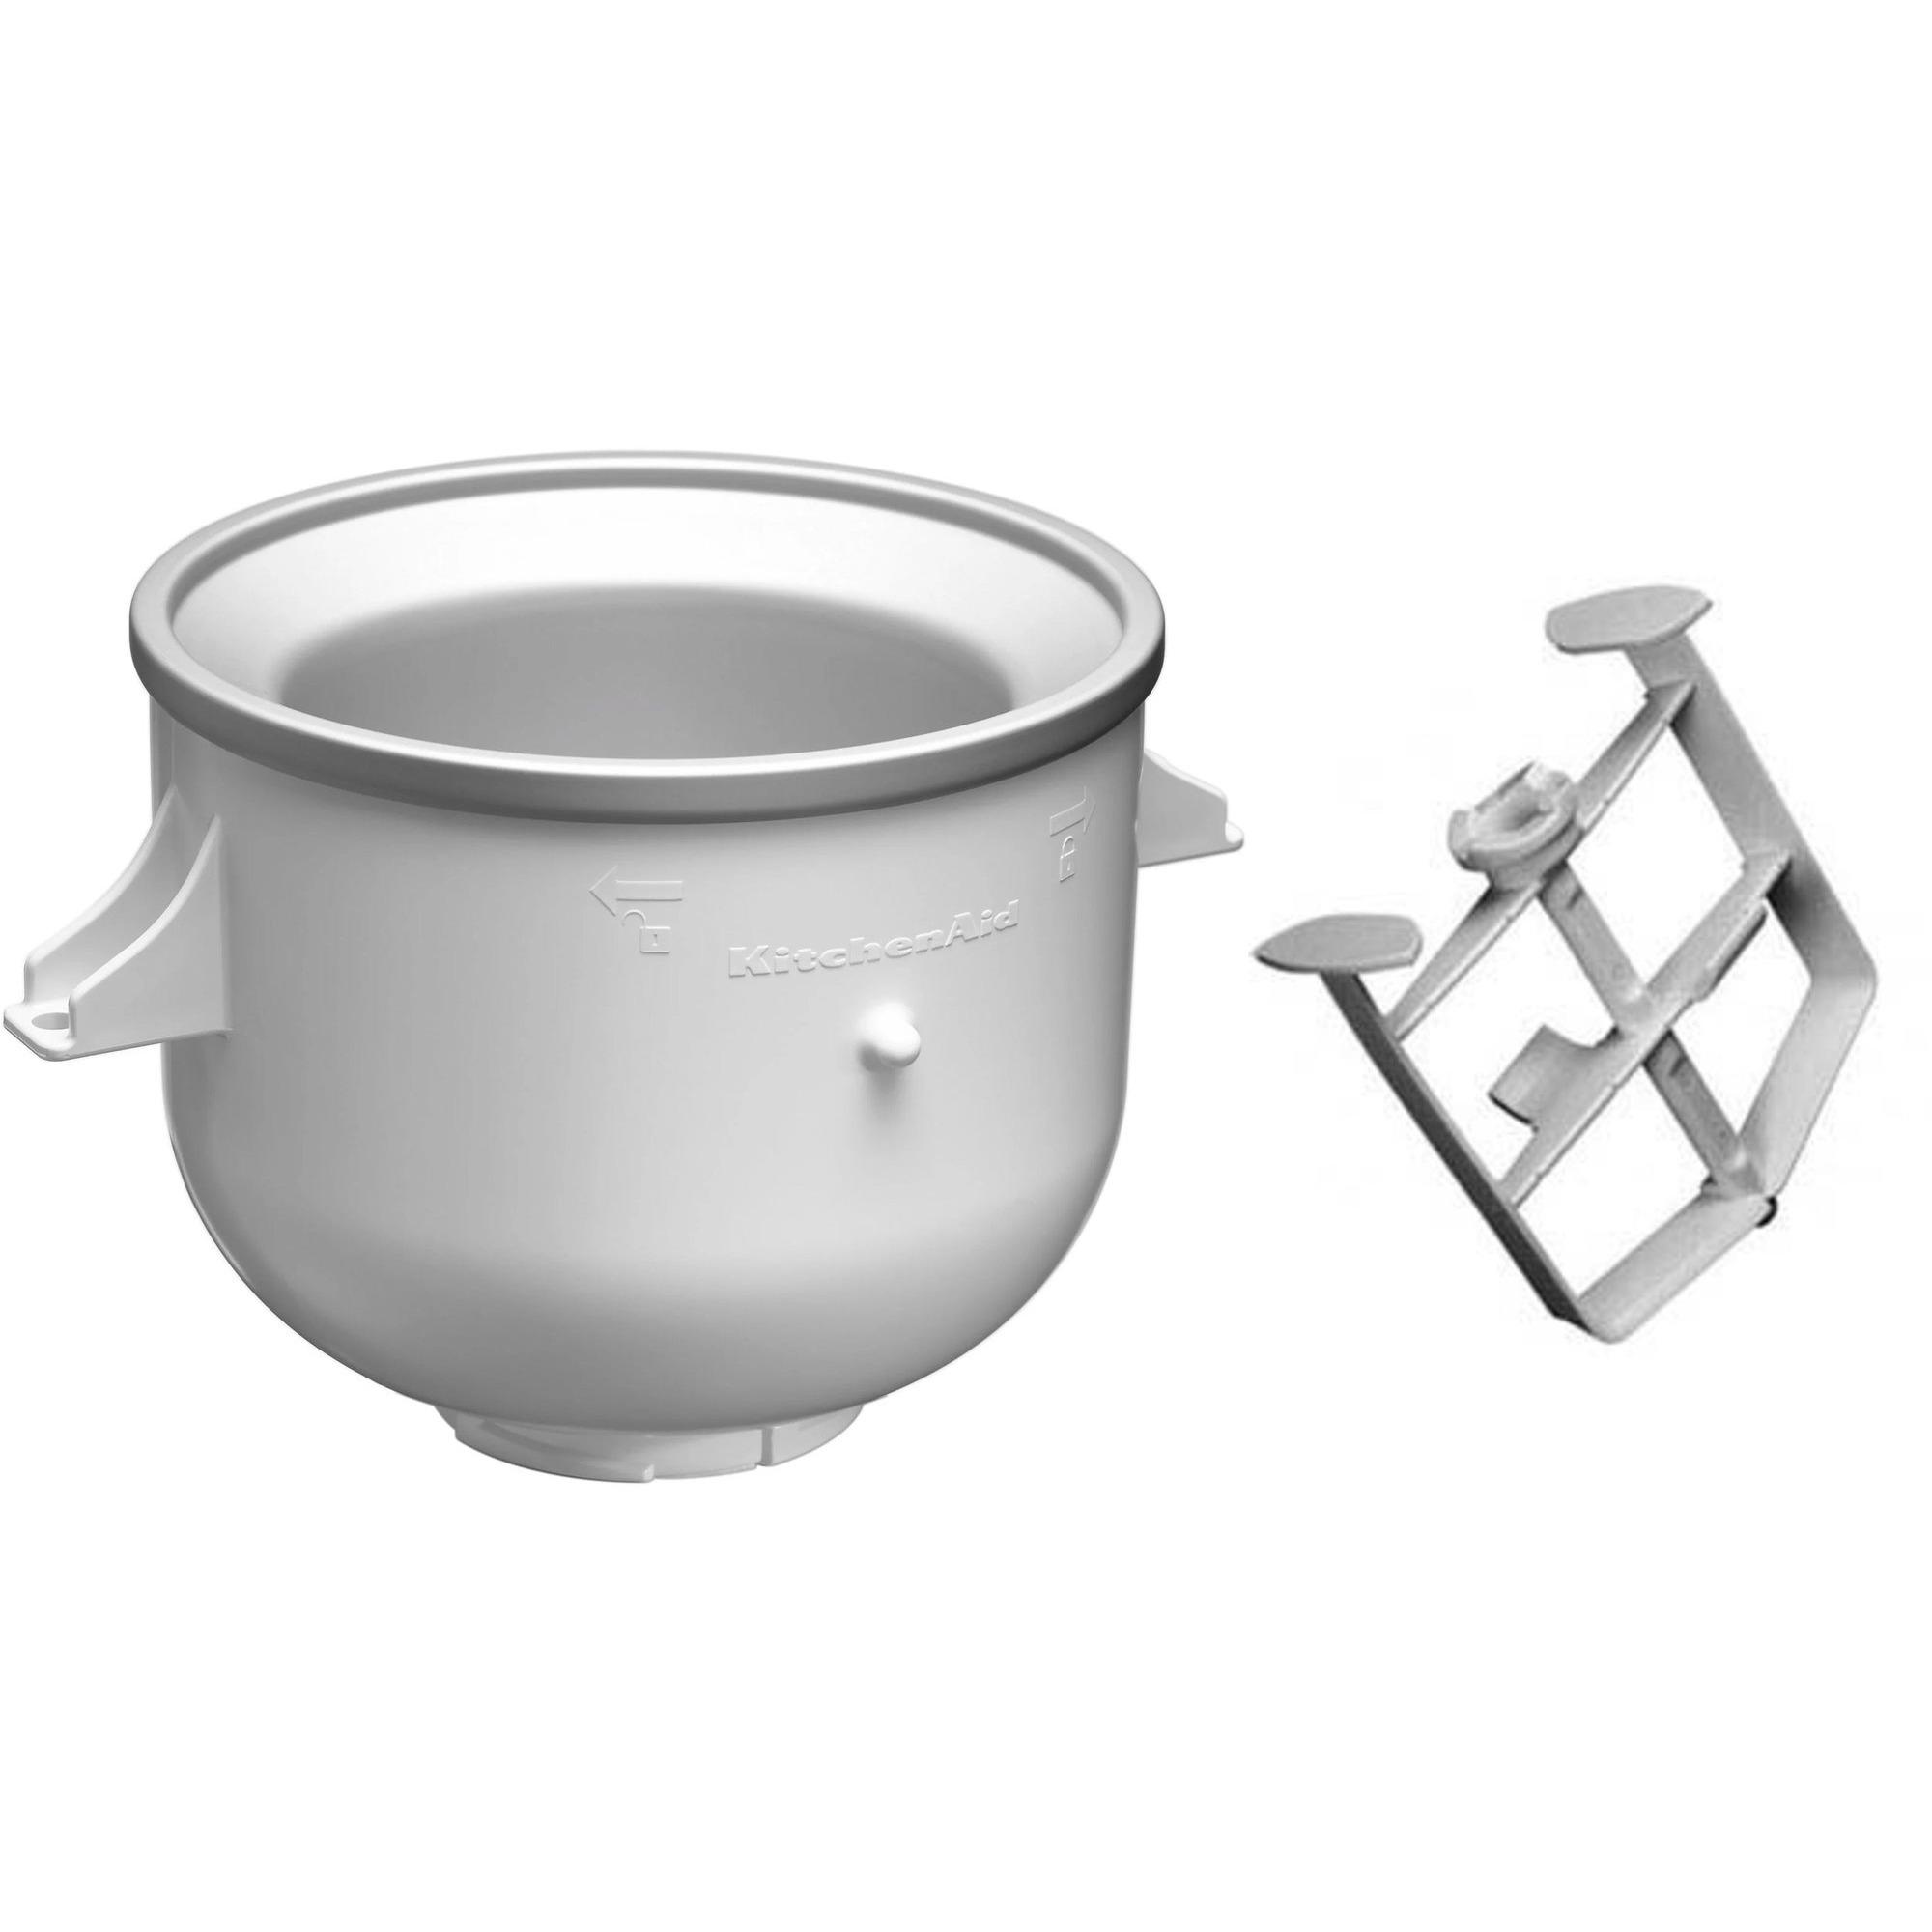 KitchenAid Glasskål till Köksmaskin